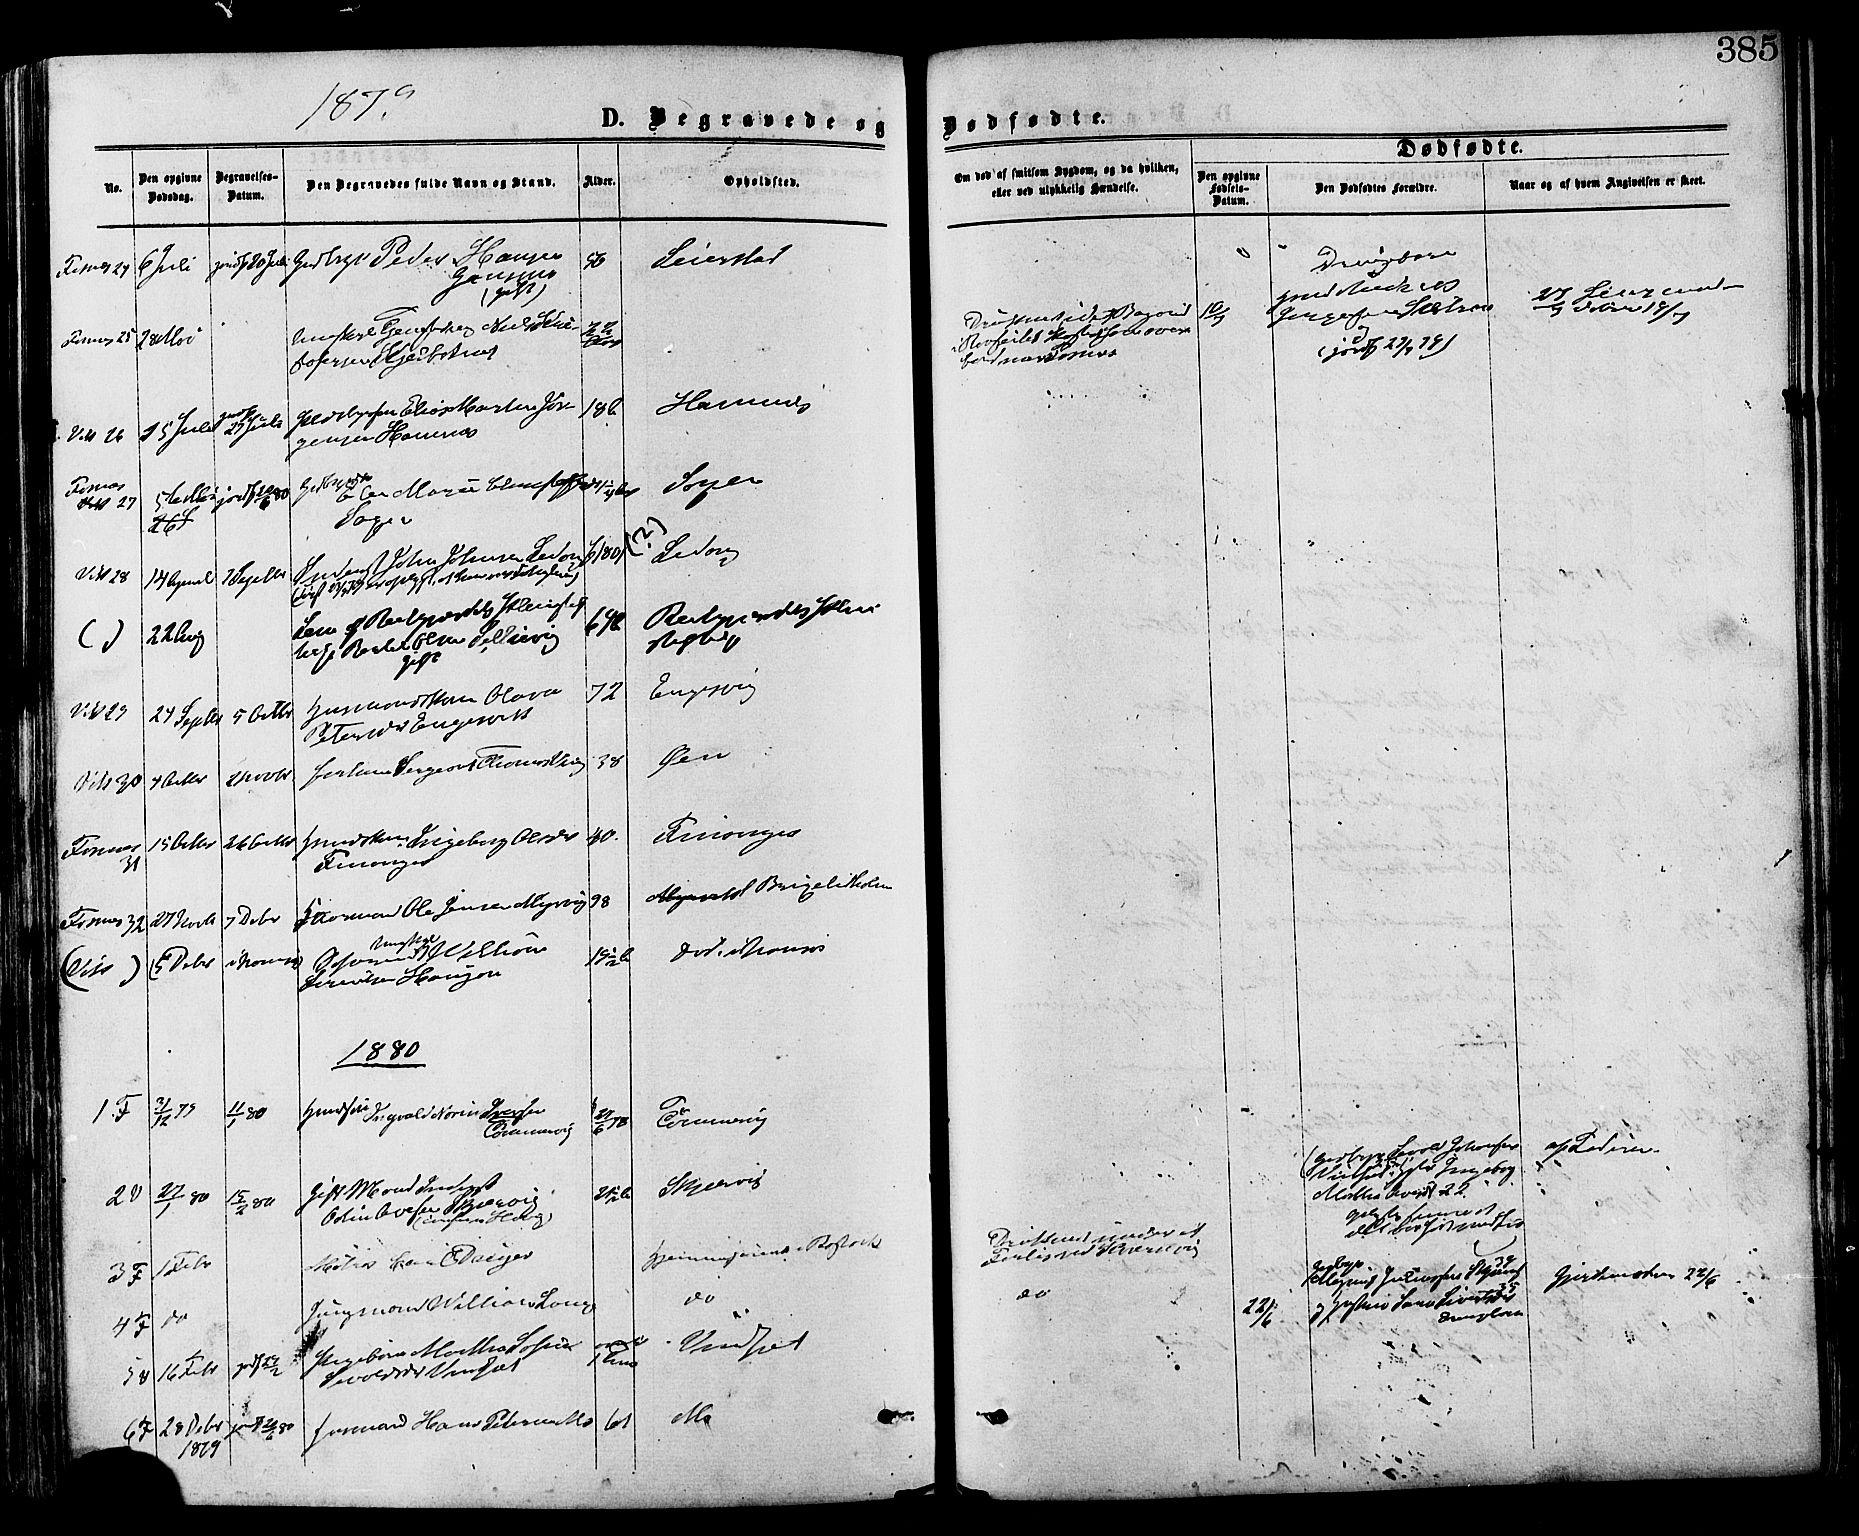 SAT, Ministerialprotokoller, klokkerbøker og fødselsregistre - Nord-Trøndelag, 773/L0616: Ministerialbok nr. 773A07, 1870-1887, s. 385